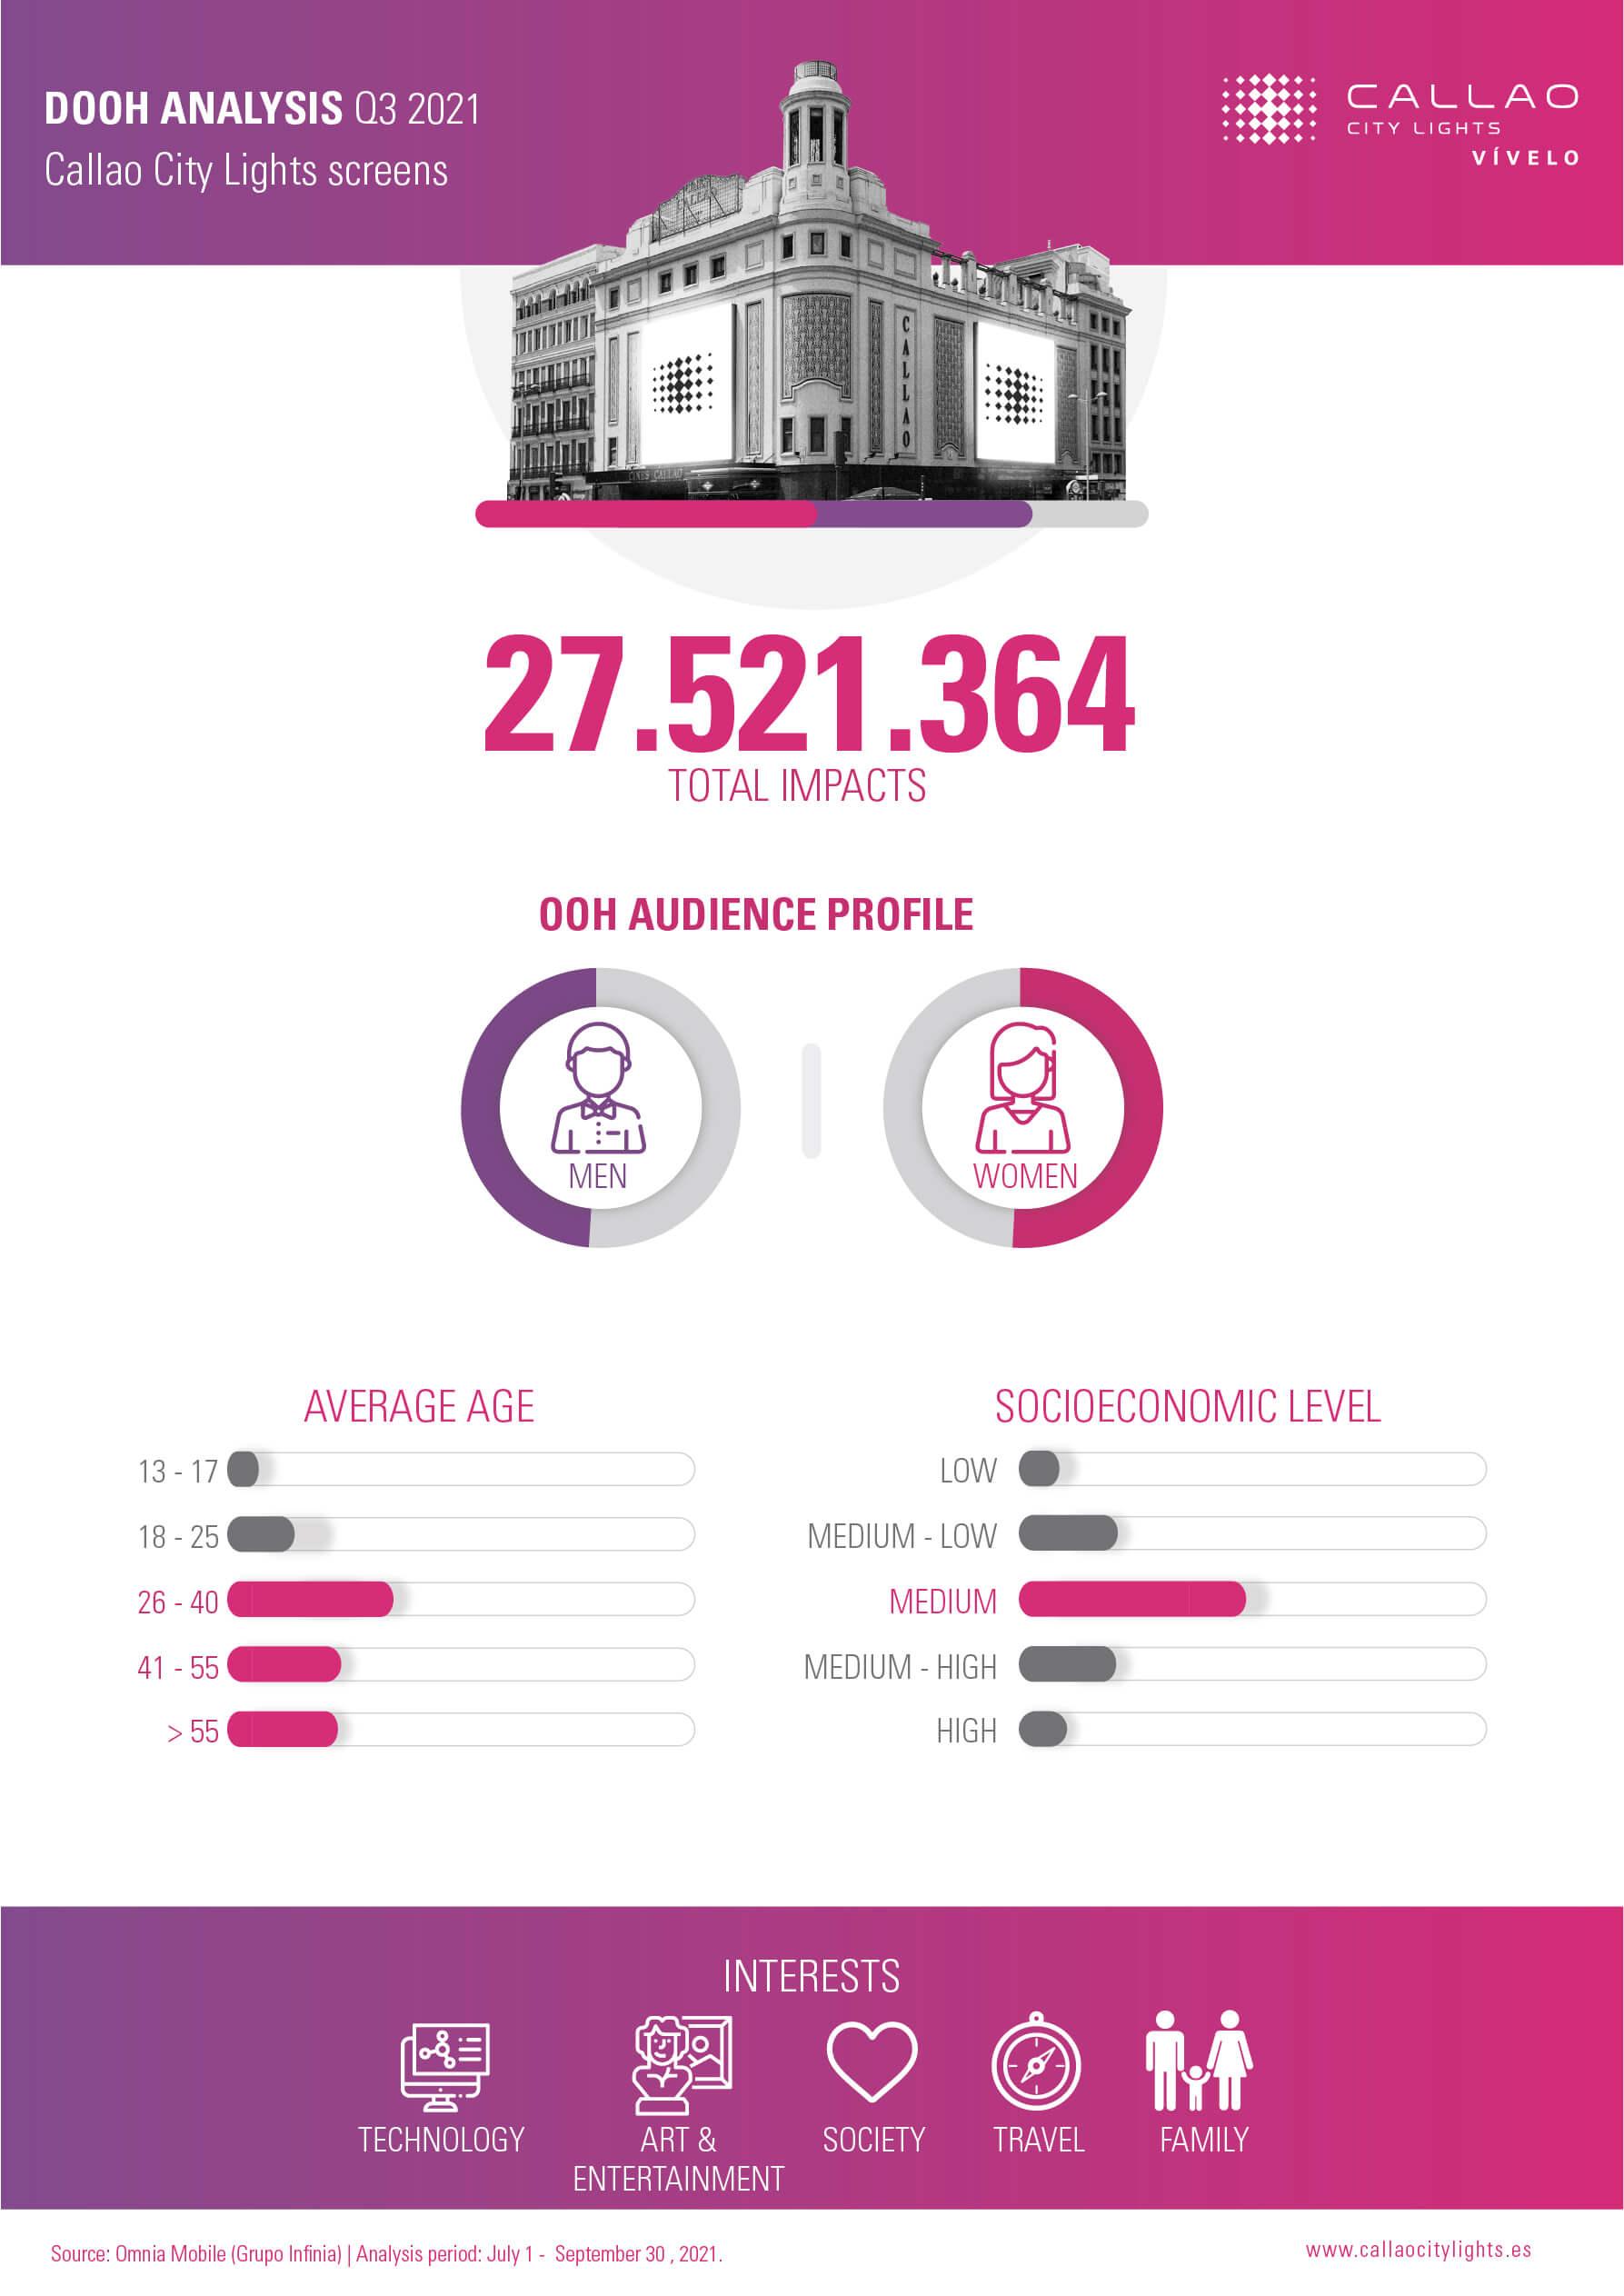 Infographic Analysis Q3 2021